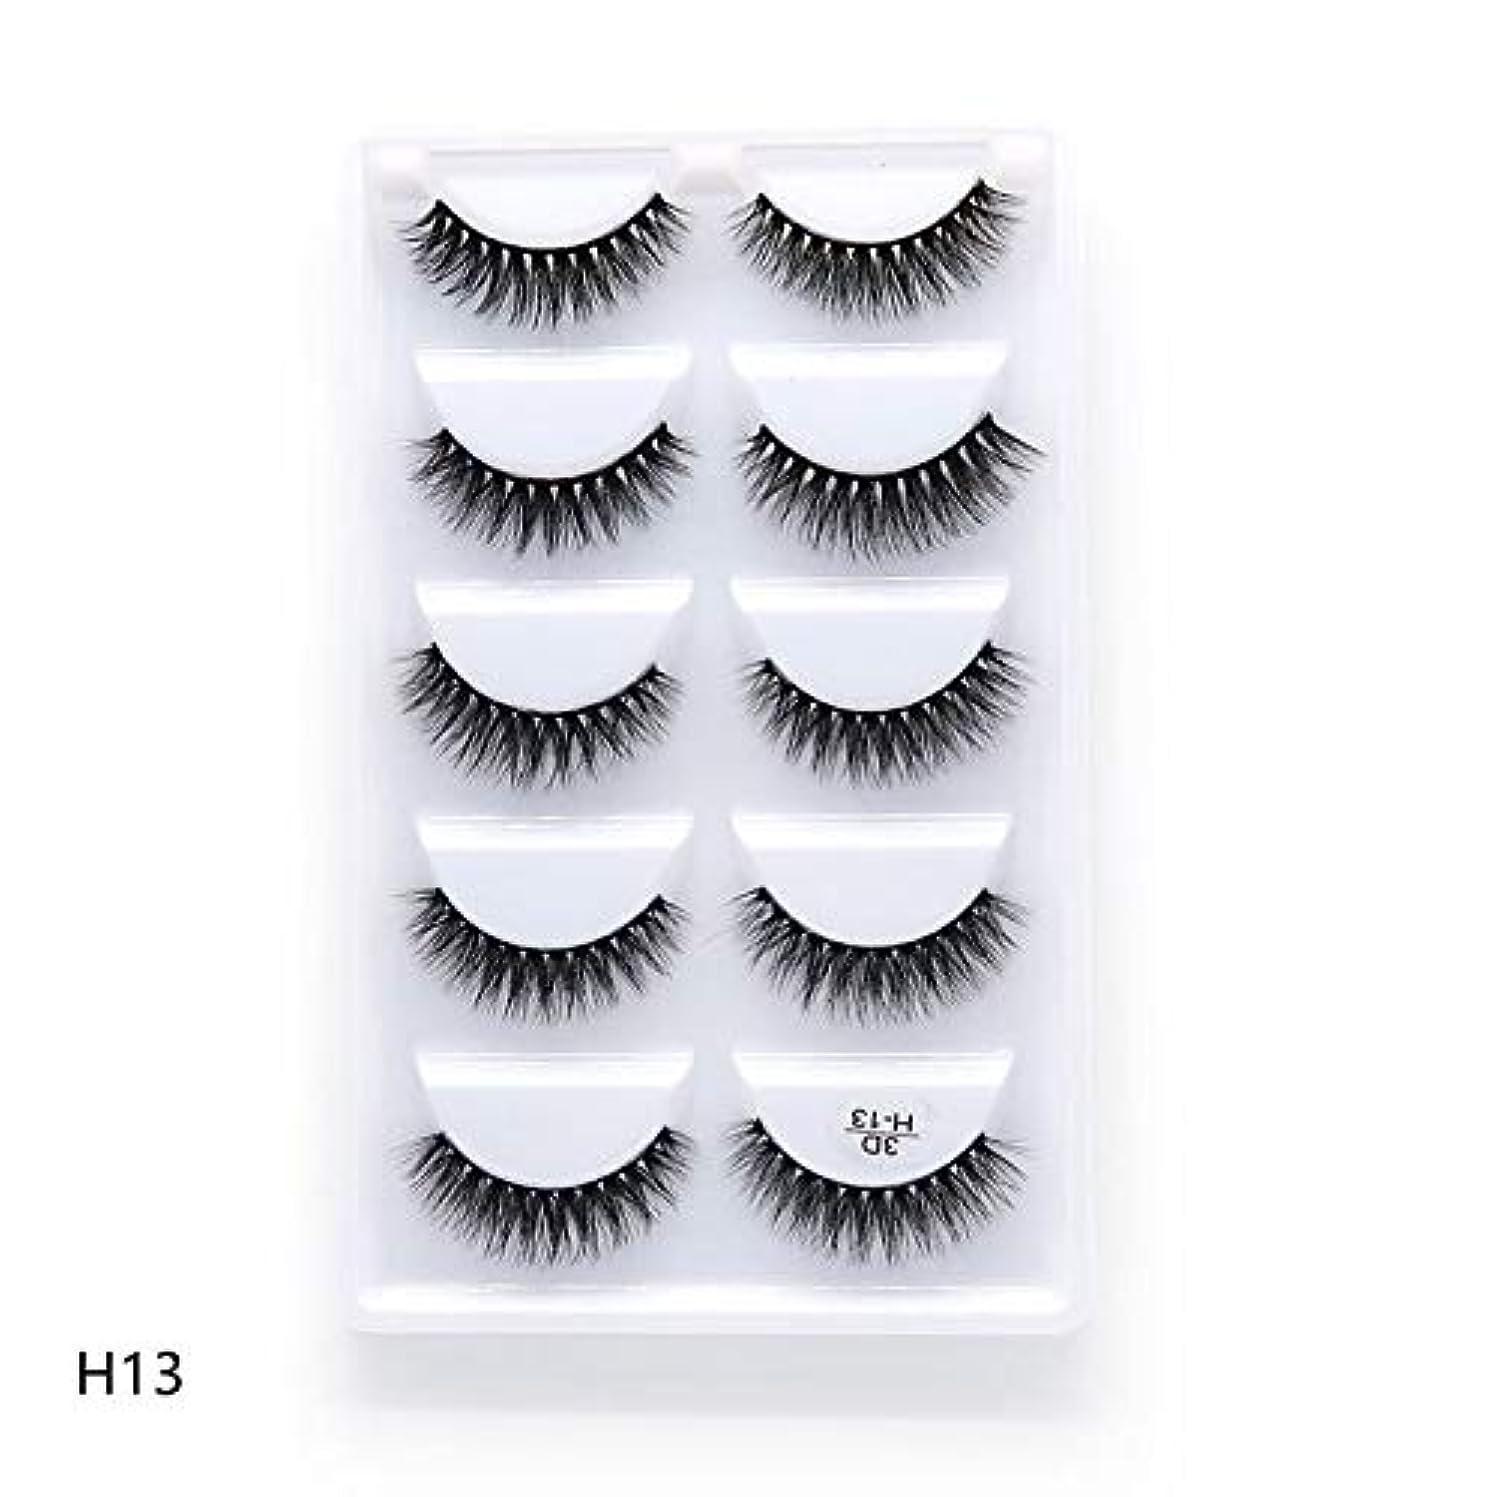 ポンドプレフィックス高度HKXR 5ペアマルチパック3Dソフトミンク毛つけまつげ手作りのかすかなふわふわロングまつげナチュラルアイメイクツールフェイクHシリーズ (色 : H13)